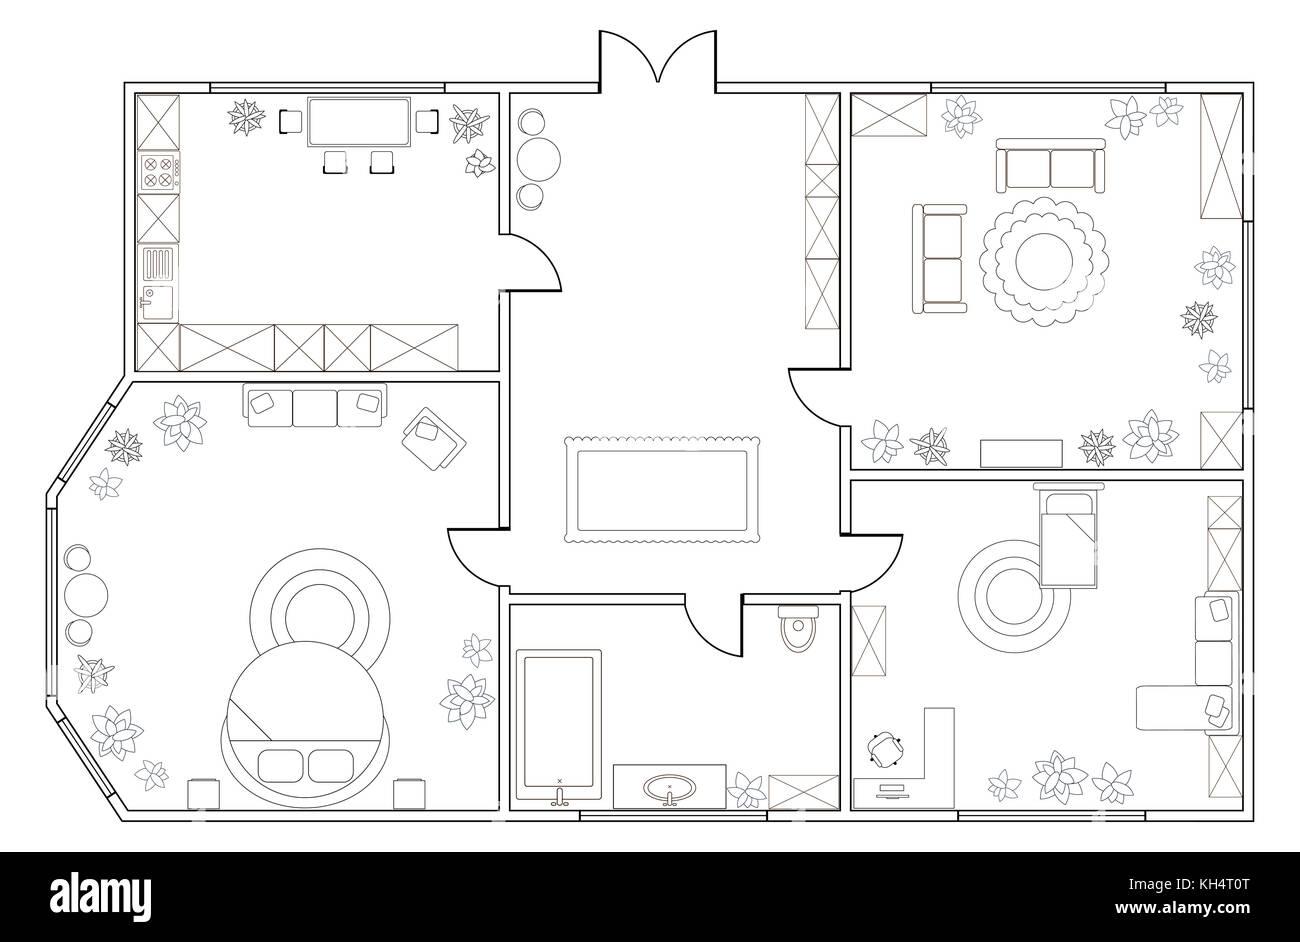 Plan View Apartment Kitchen Dining Stockfotos & Plan View Apartment ...